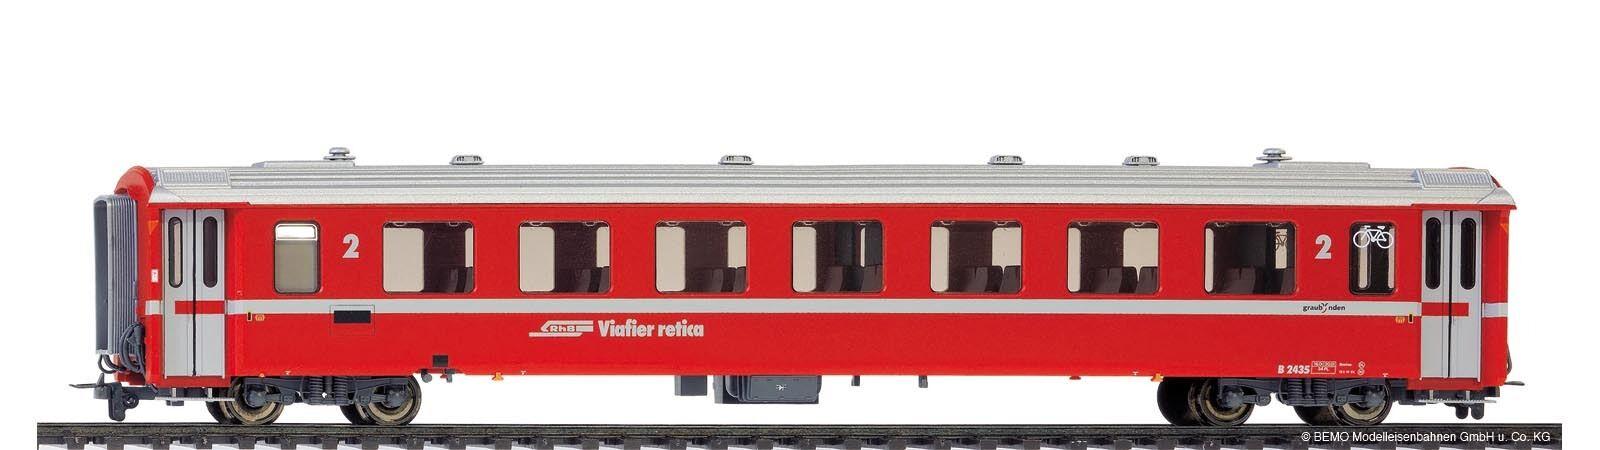 BEMO 3240 162 o 3240162 unità carrello II RHB B 2432 rosso traccia h0m